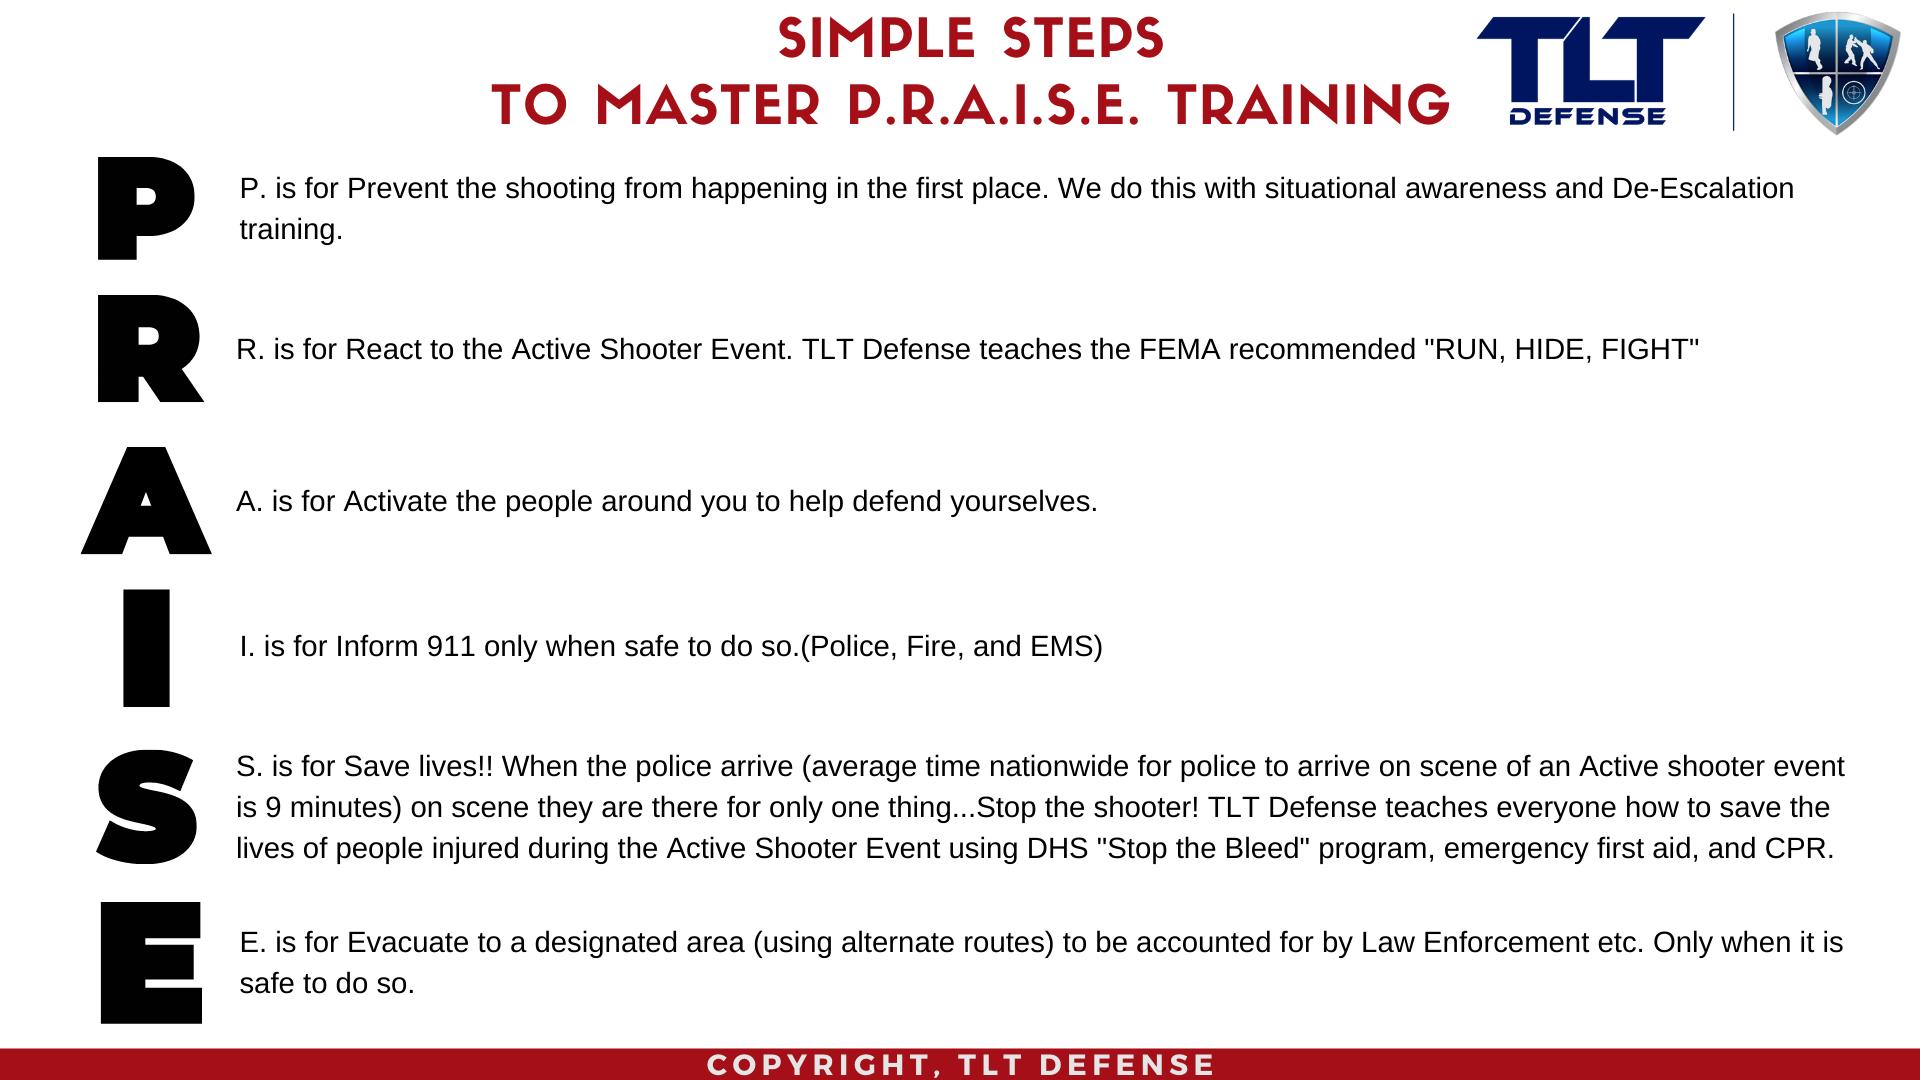 PRAISE Training